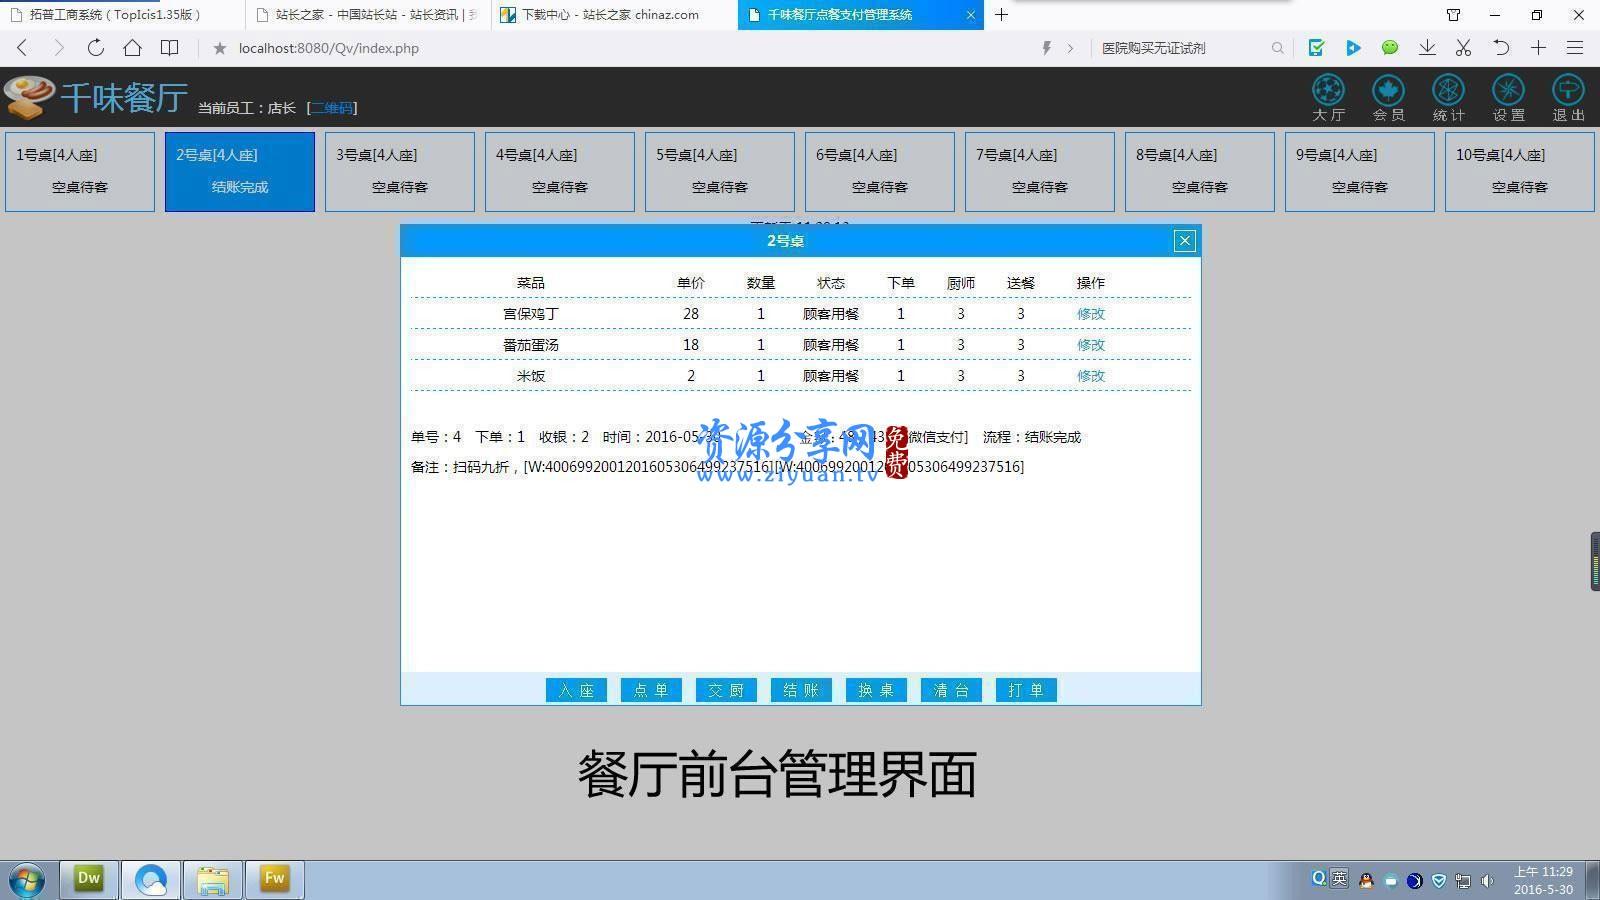 金微智能餐厅 v0.8.2 基于 Web 网页管理的餐厅管理系统+支持微信支付宝结账